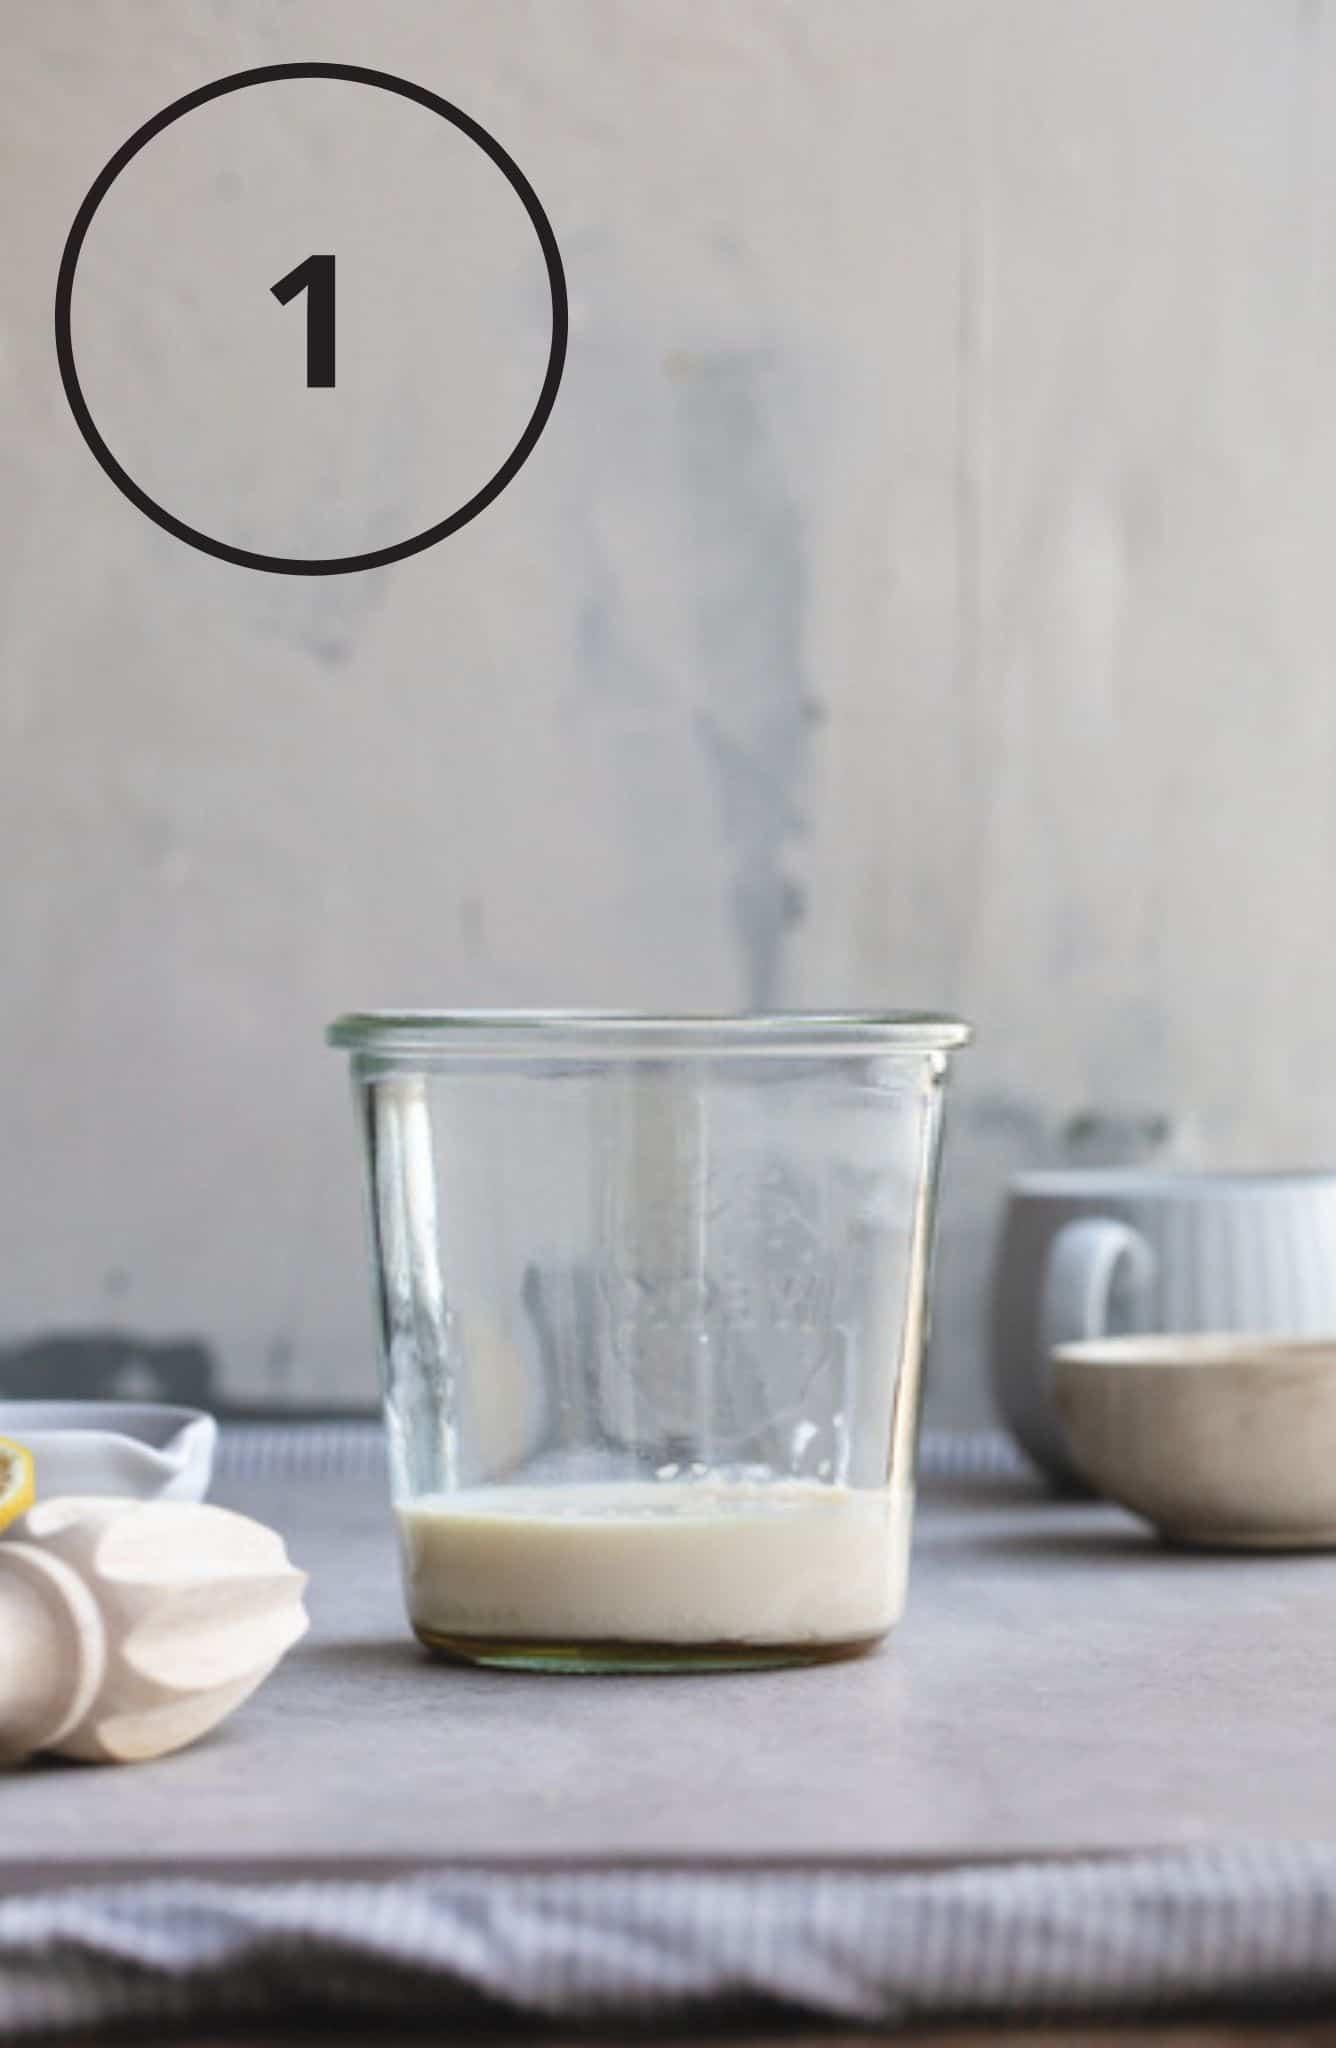 A jar of ingredients before blending.